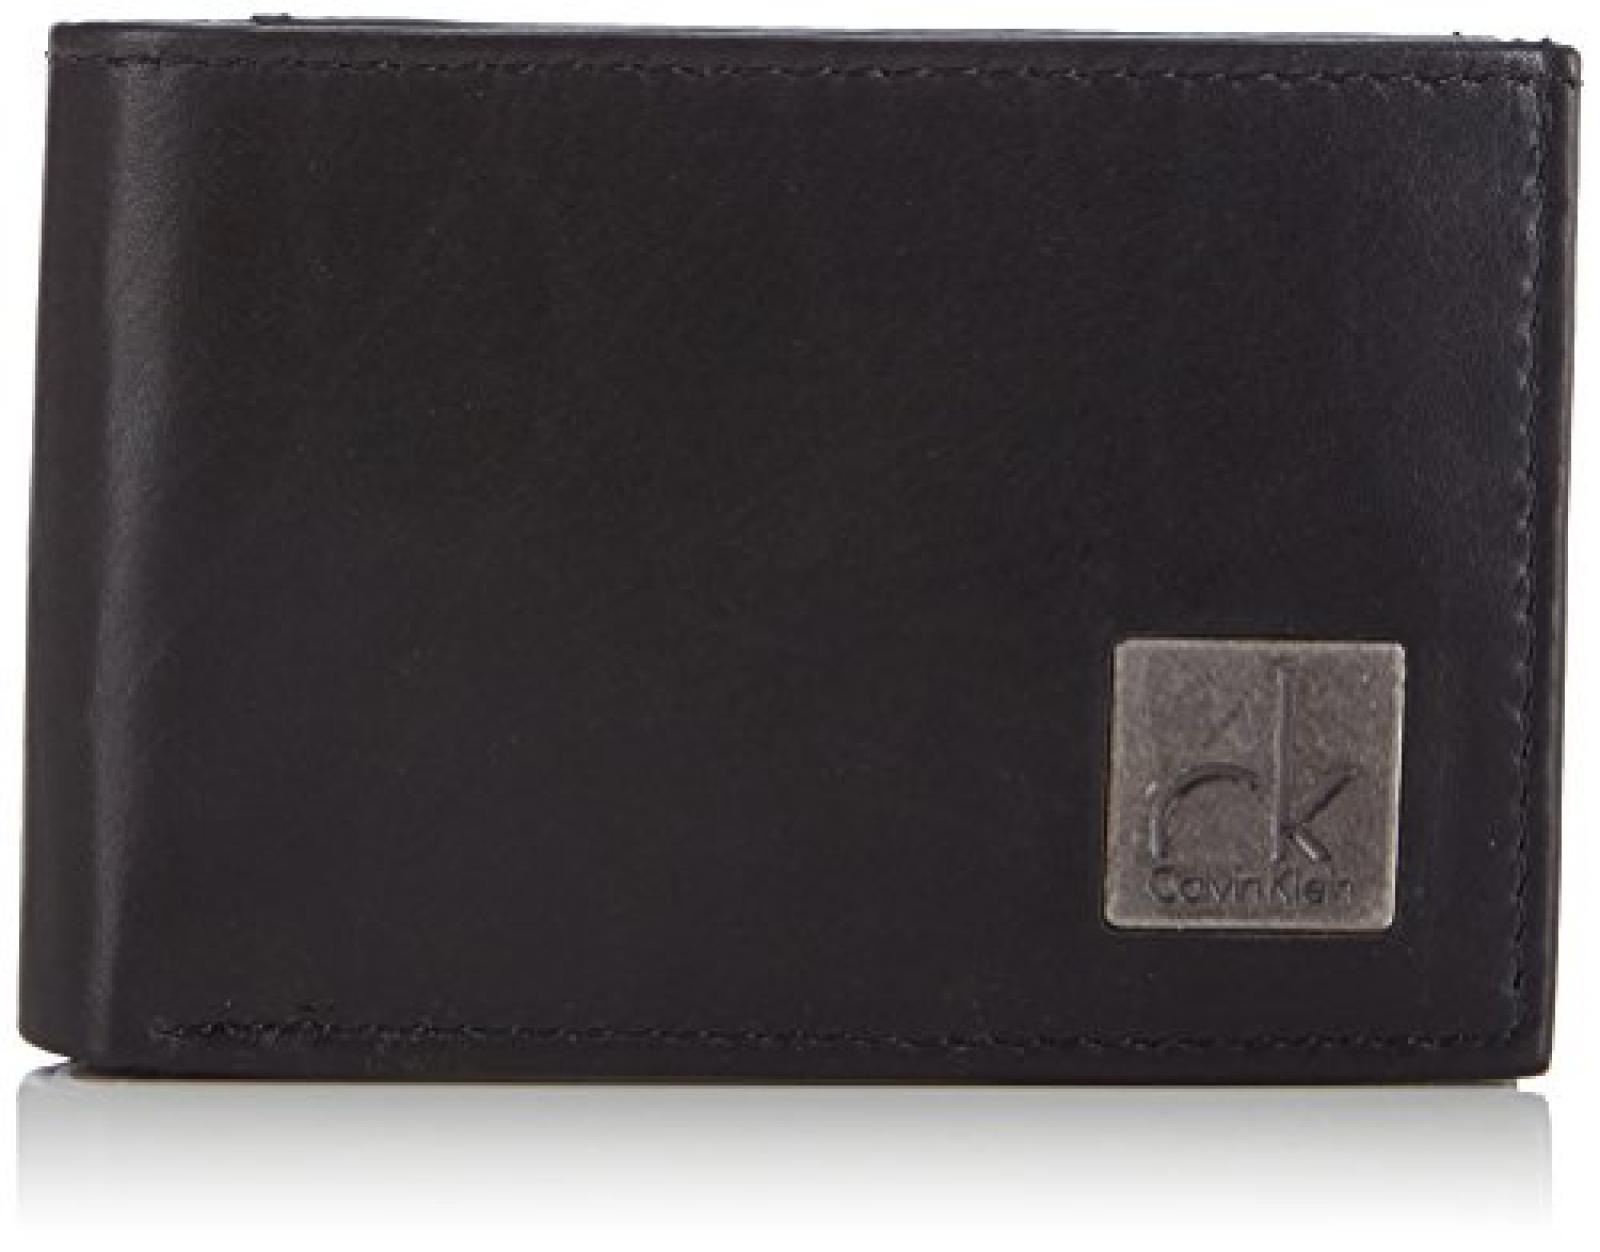 Calvin Klein Jeans COBBLESTONE 6CC+COIN J5EJ500535 Herren Geldbörsen 12x10x2 cm (B x H x T)